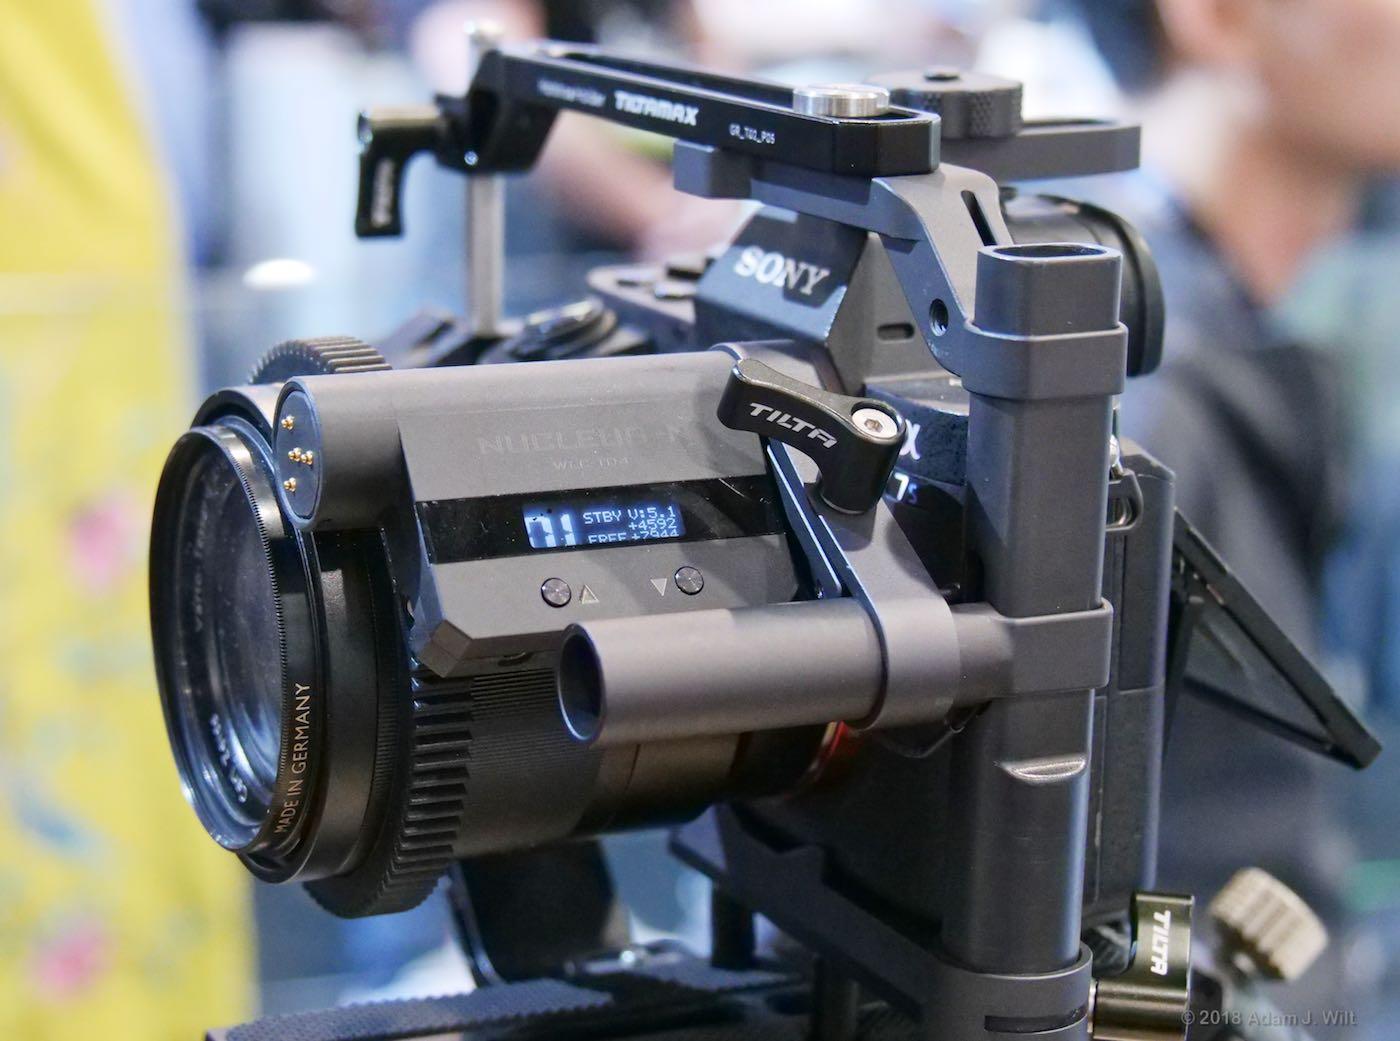 Tilta Nucleus-M lens motor